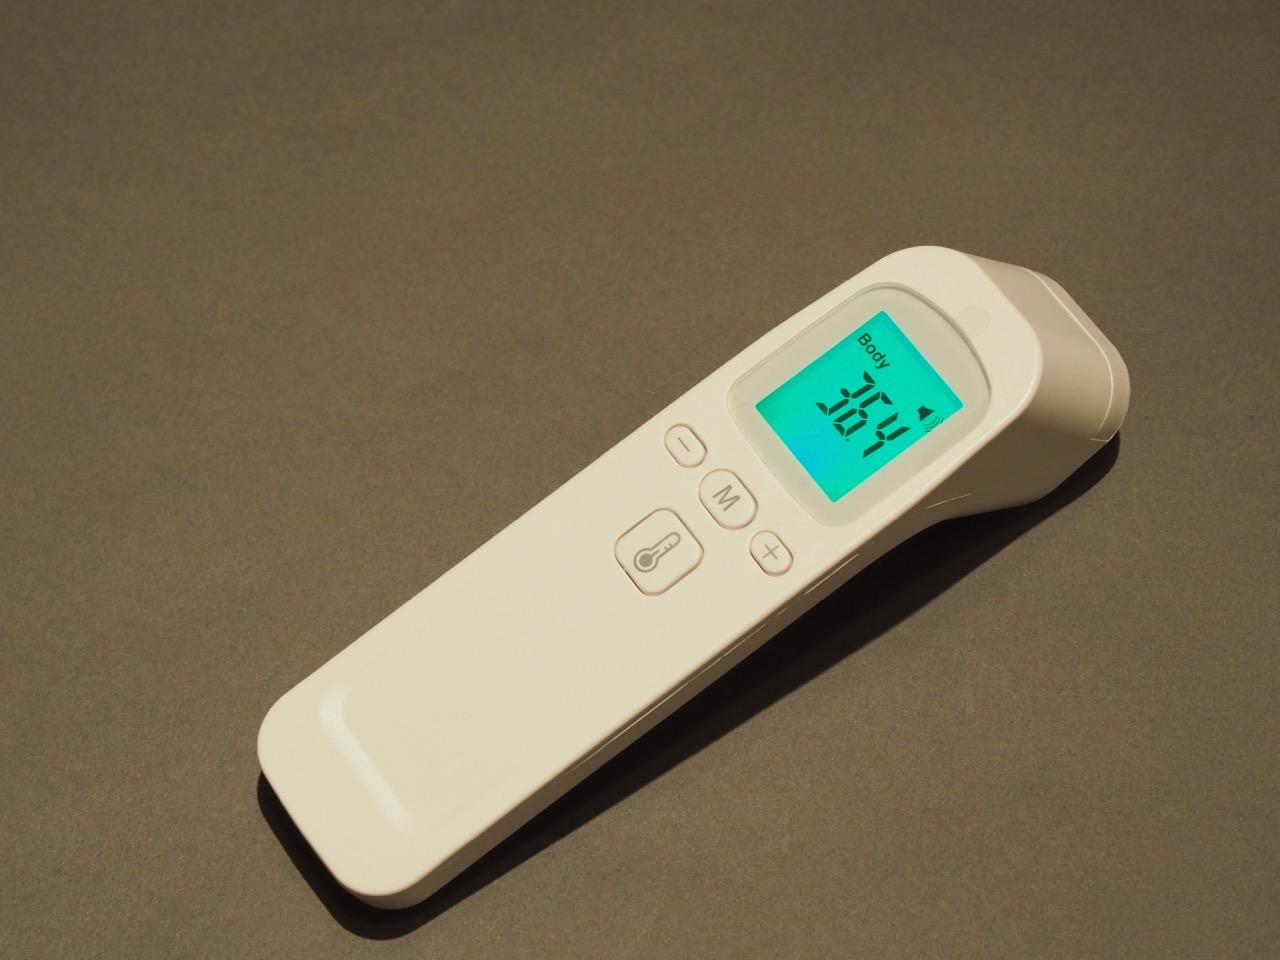 自衛のため、こまめに体温測定